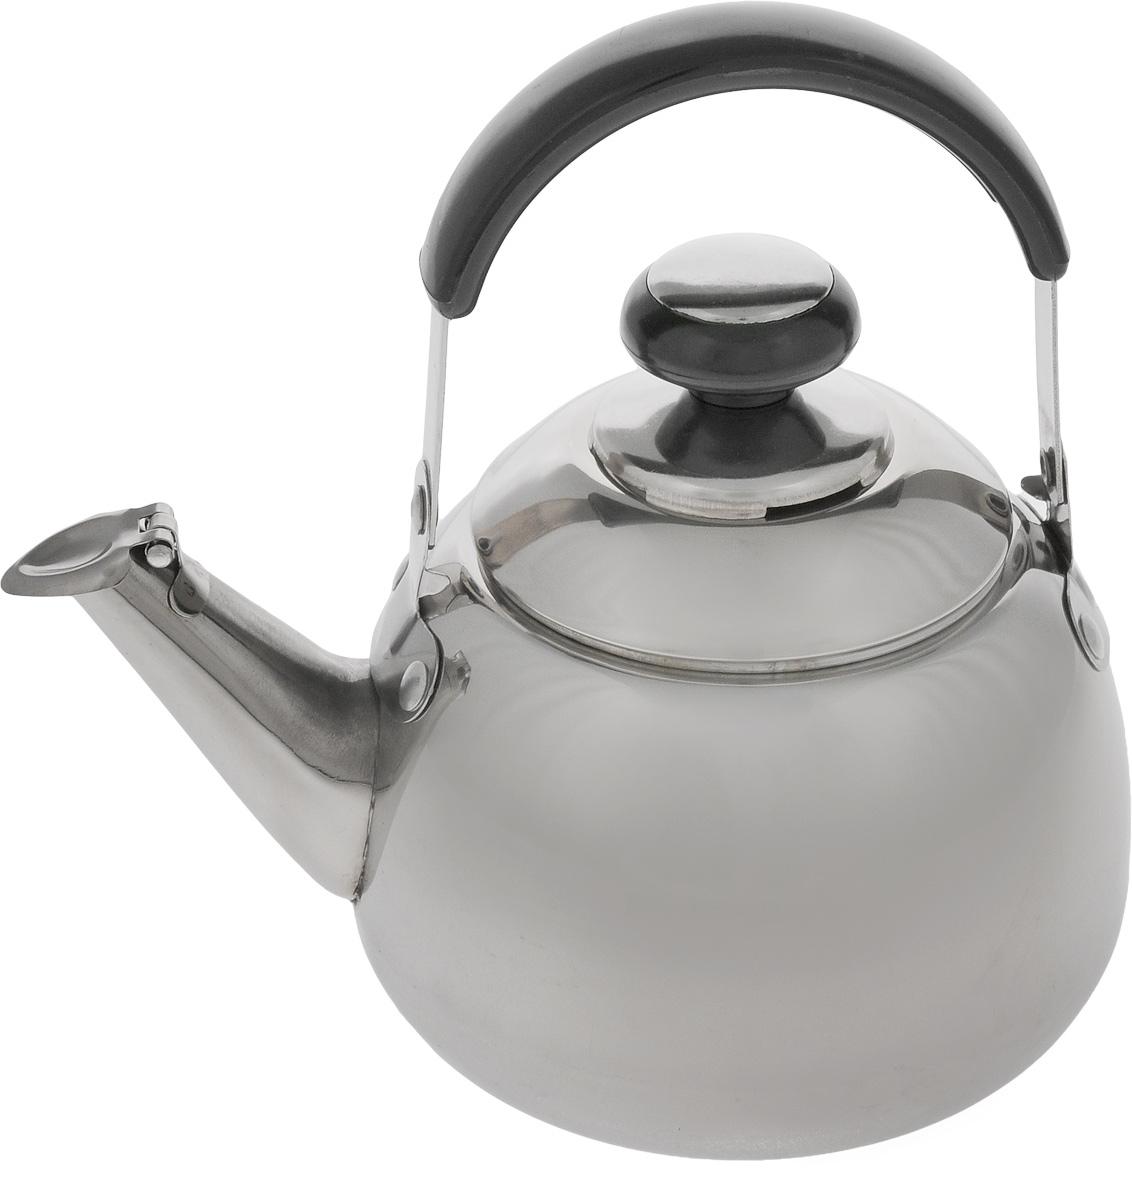 Чайник заварочный Mayer & Boch, со свистком и фильтром, 1 л. 11071107Заварочный чайник Mayer & Boch выполнен из высококачественной нержавеющей стали, что обеспечивает долговечность использования. Внешнее зеркальное покрытие придает приятный внешний вид. Бакелитовая ручка делает использование чайника очень удобным и безопасным. Крышка оснащена свистком, что позволит вам контролировать процесс подогрева или кипячения воды. Чайник оснащен фильтром, с помощью которого можно заваривать ваш любимый чай. Подходит для газовых, электрических и стеклокерамических плит. Можно мыть в посудомоечной машине. Диаметр чайника (по верхнему краю): 8 см. Высота чайника (без учета крышки и ручки): 9 см. Высота чайника (с учетом крышки и ручки): 18,5 см. Размер фильтра: 7,5 х 7,5 х 5,5 см.